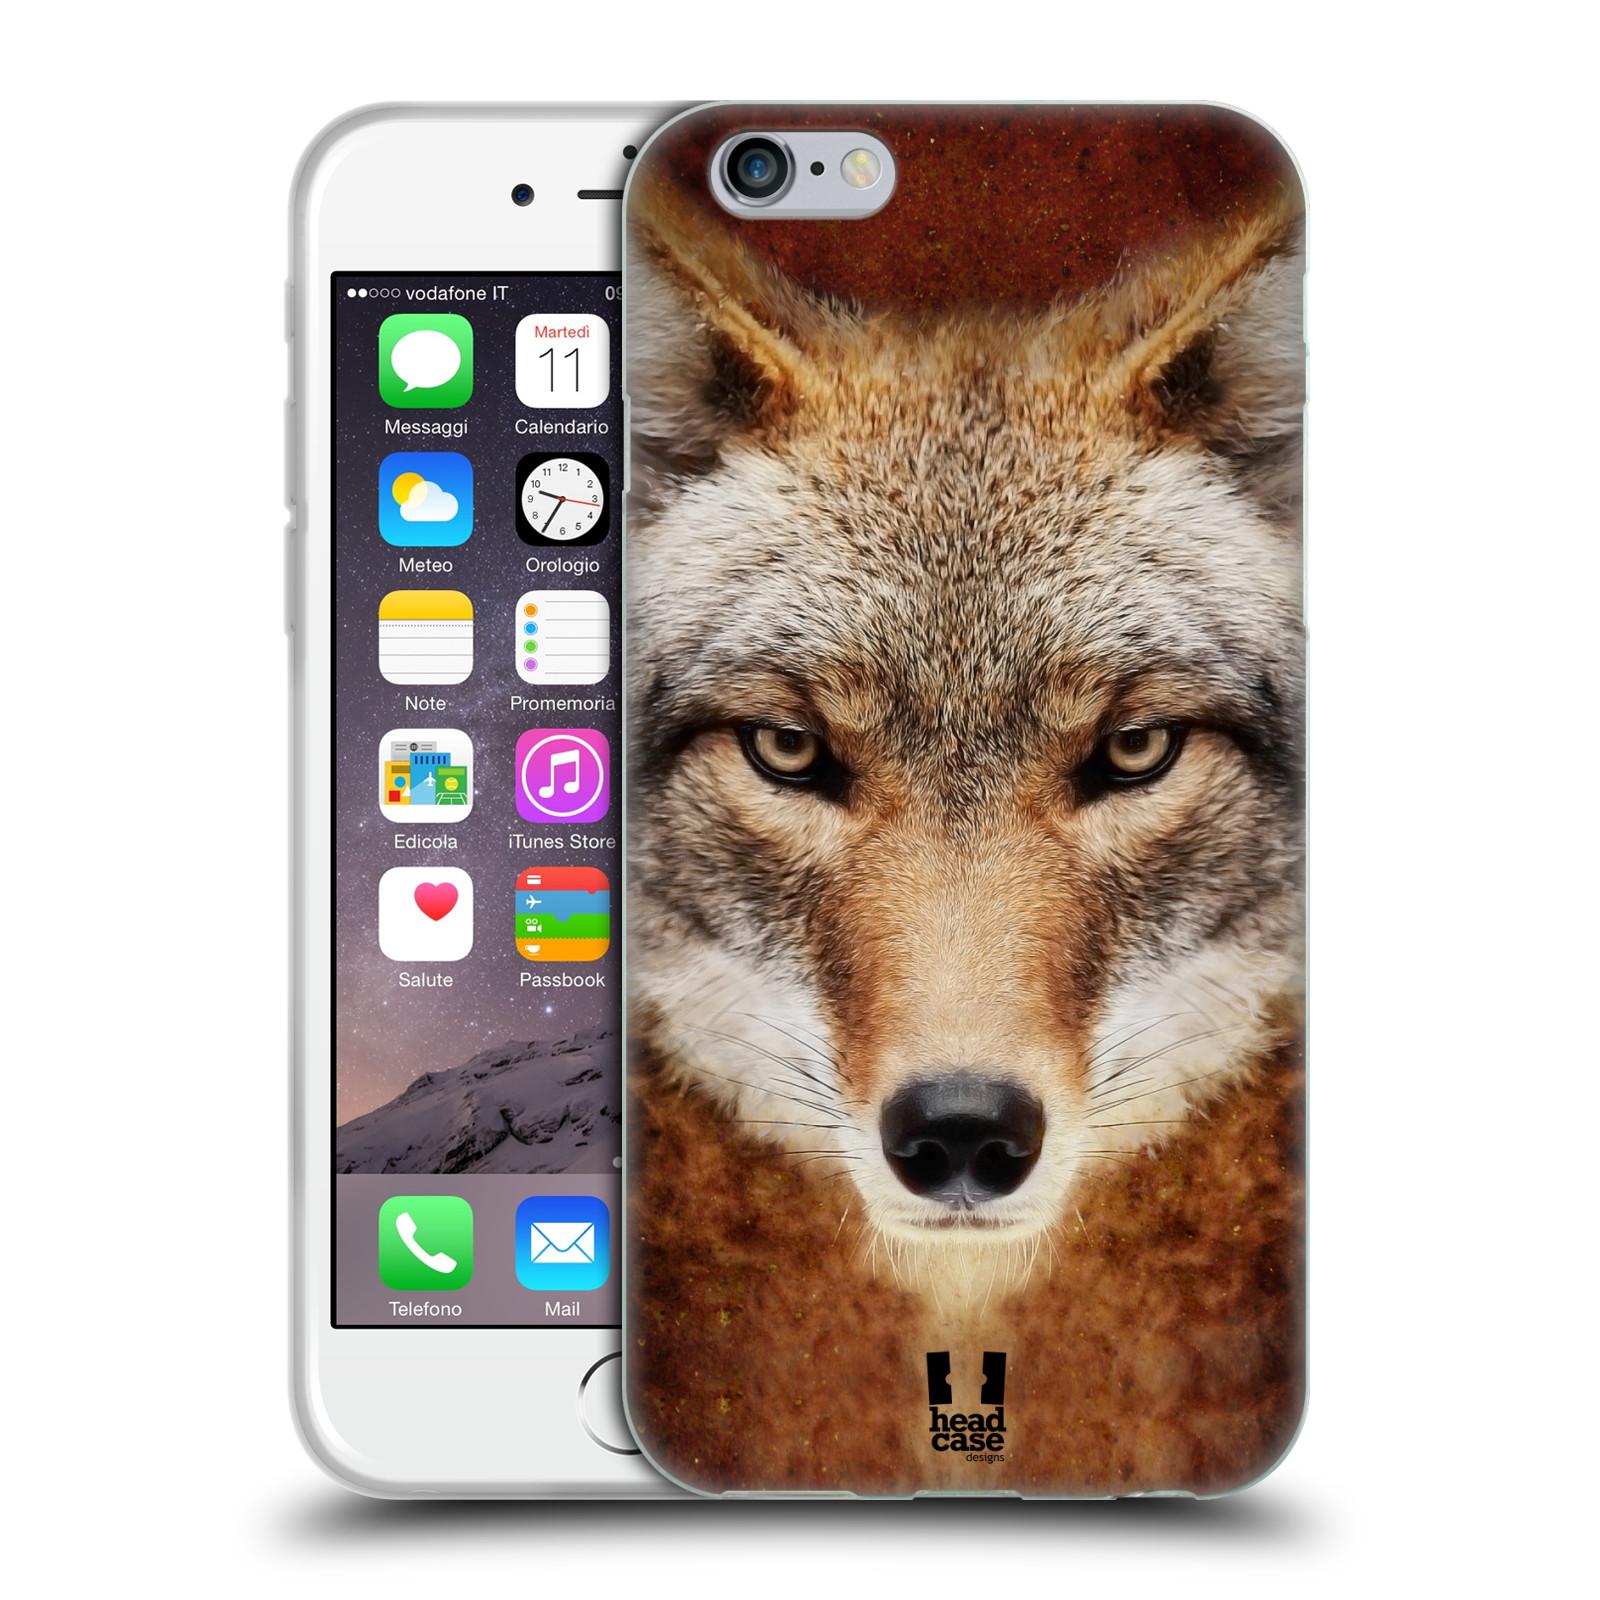 HEAD CASE silikonový obal na mobil Apple Iphone 6/6S vzor Zvířecí tváře kojot